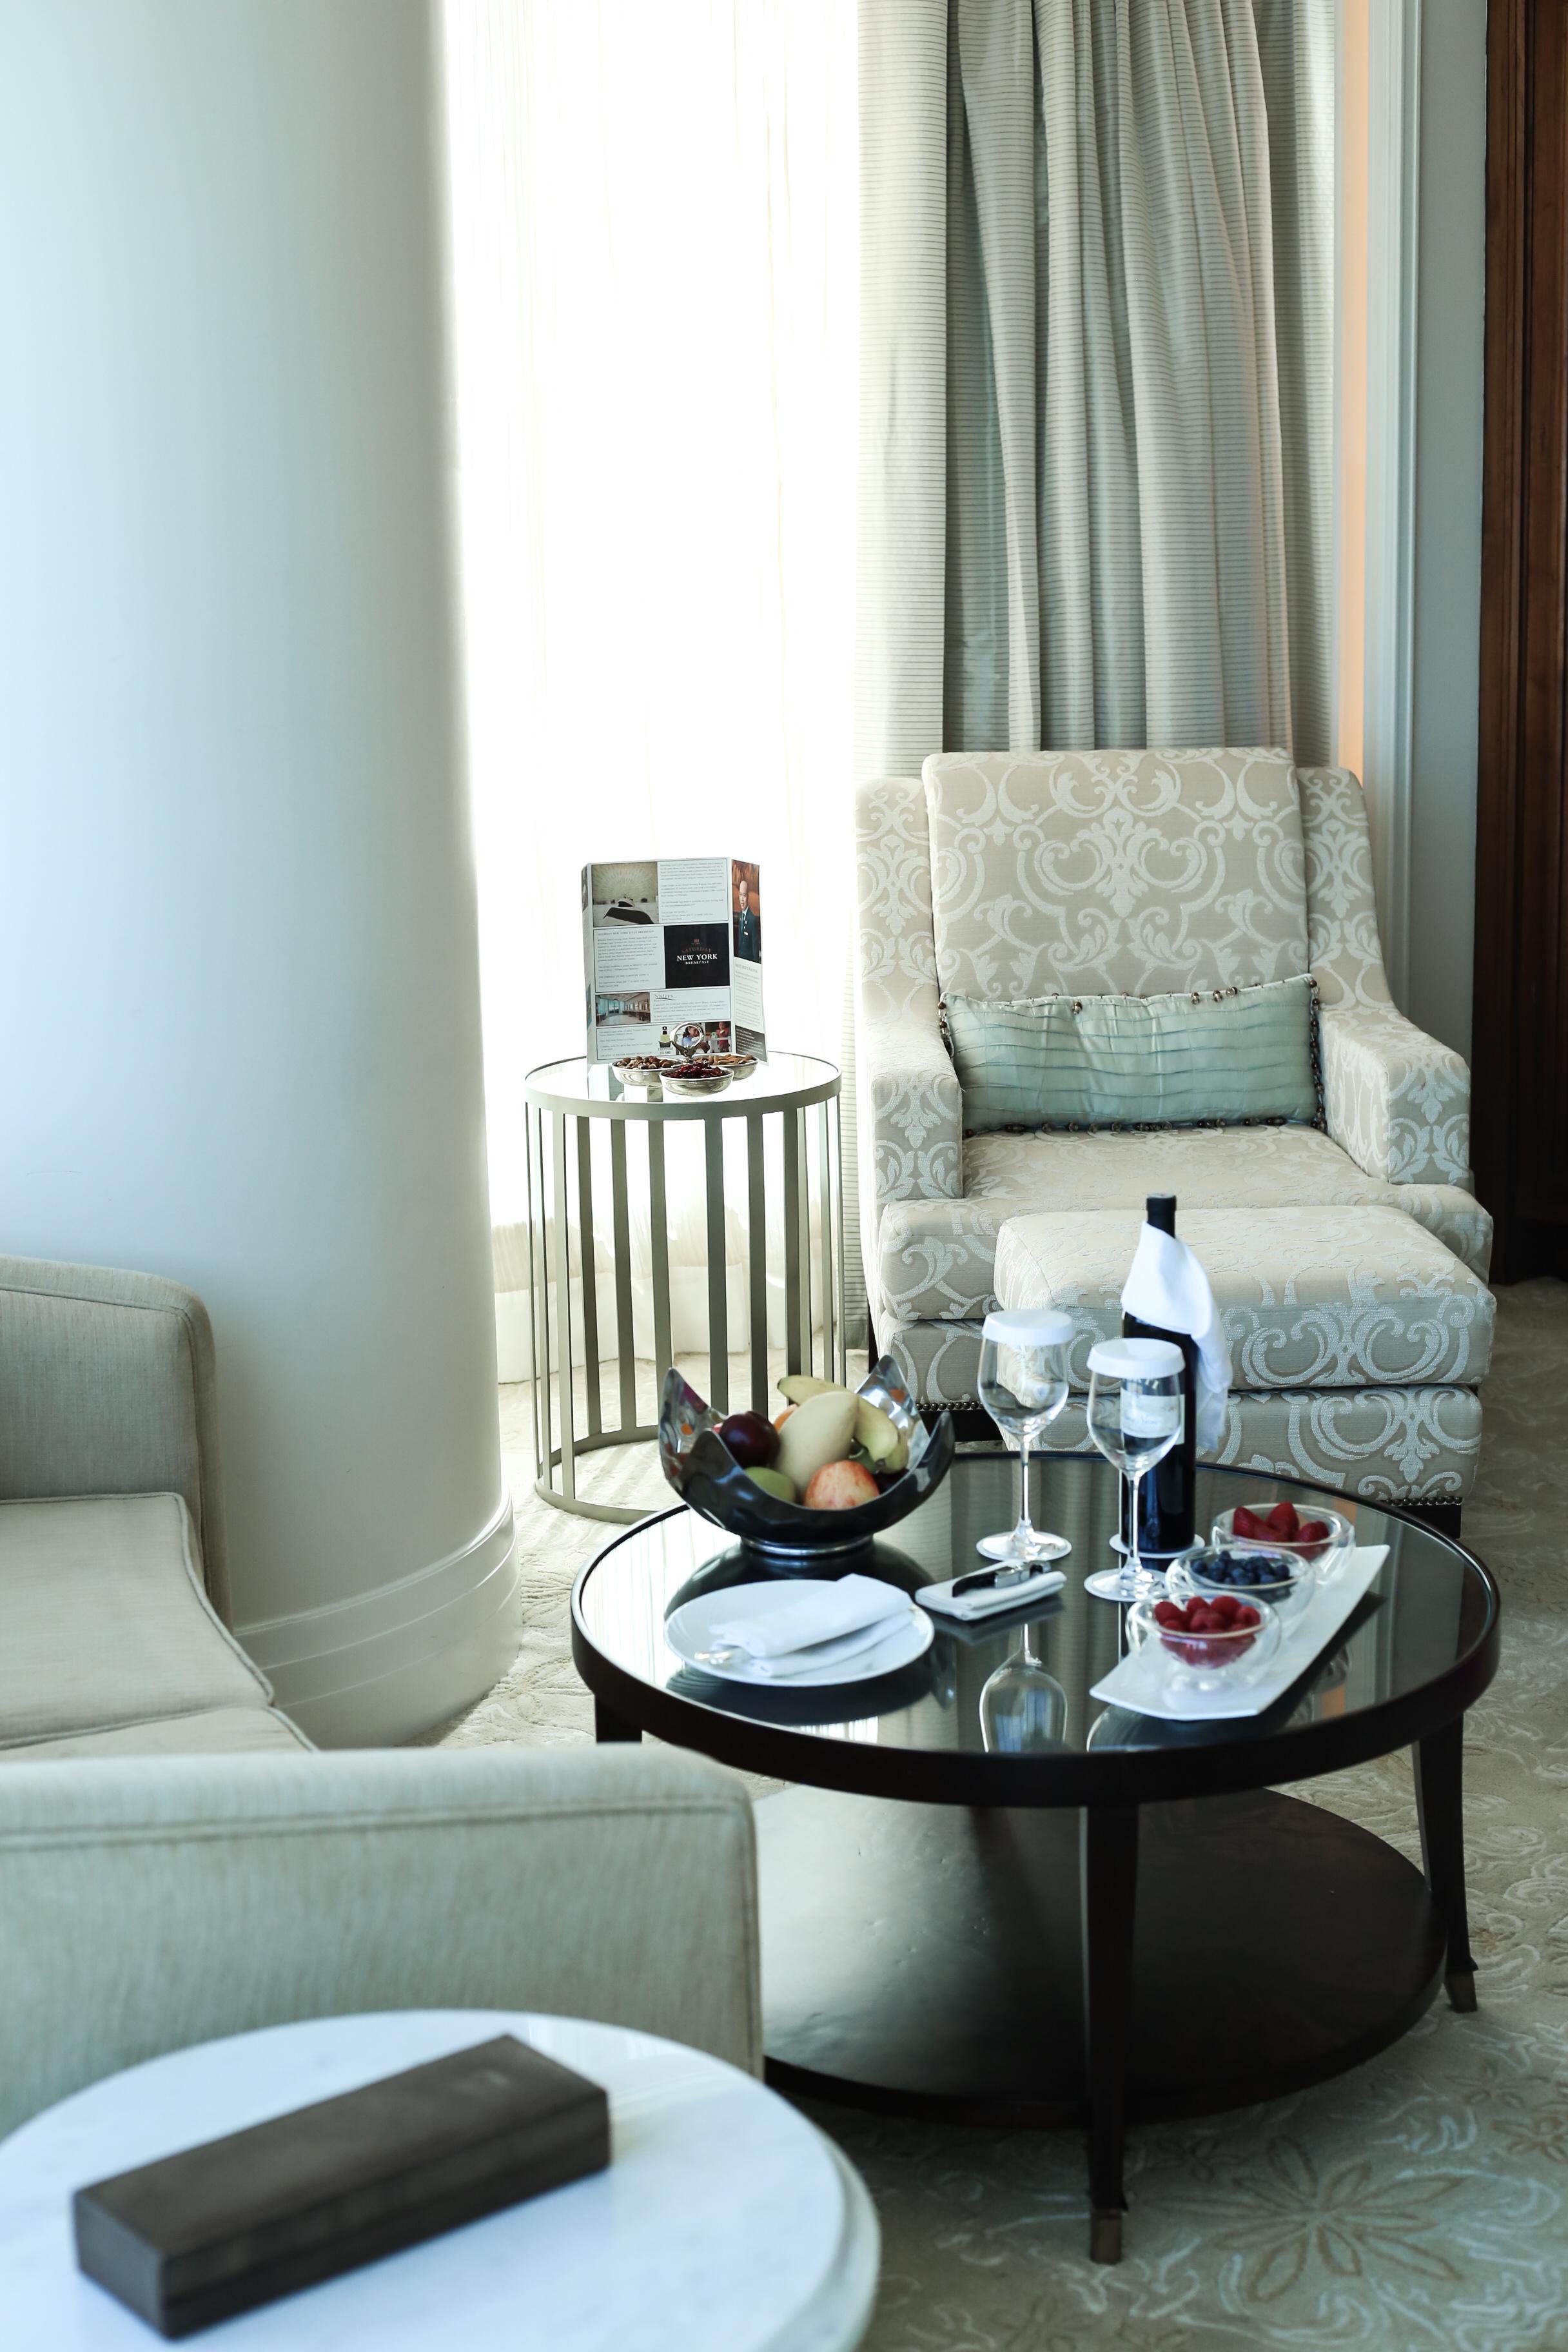 St_Regis_Hotel_Abu_Dhabi